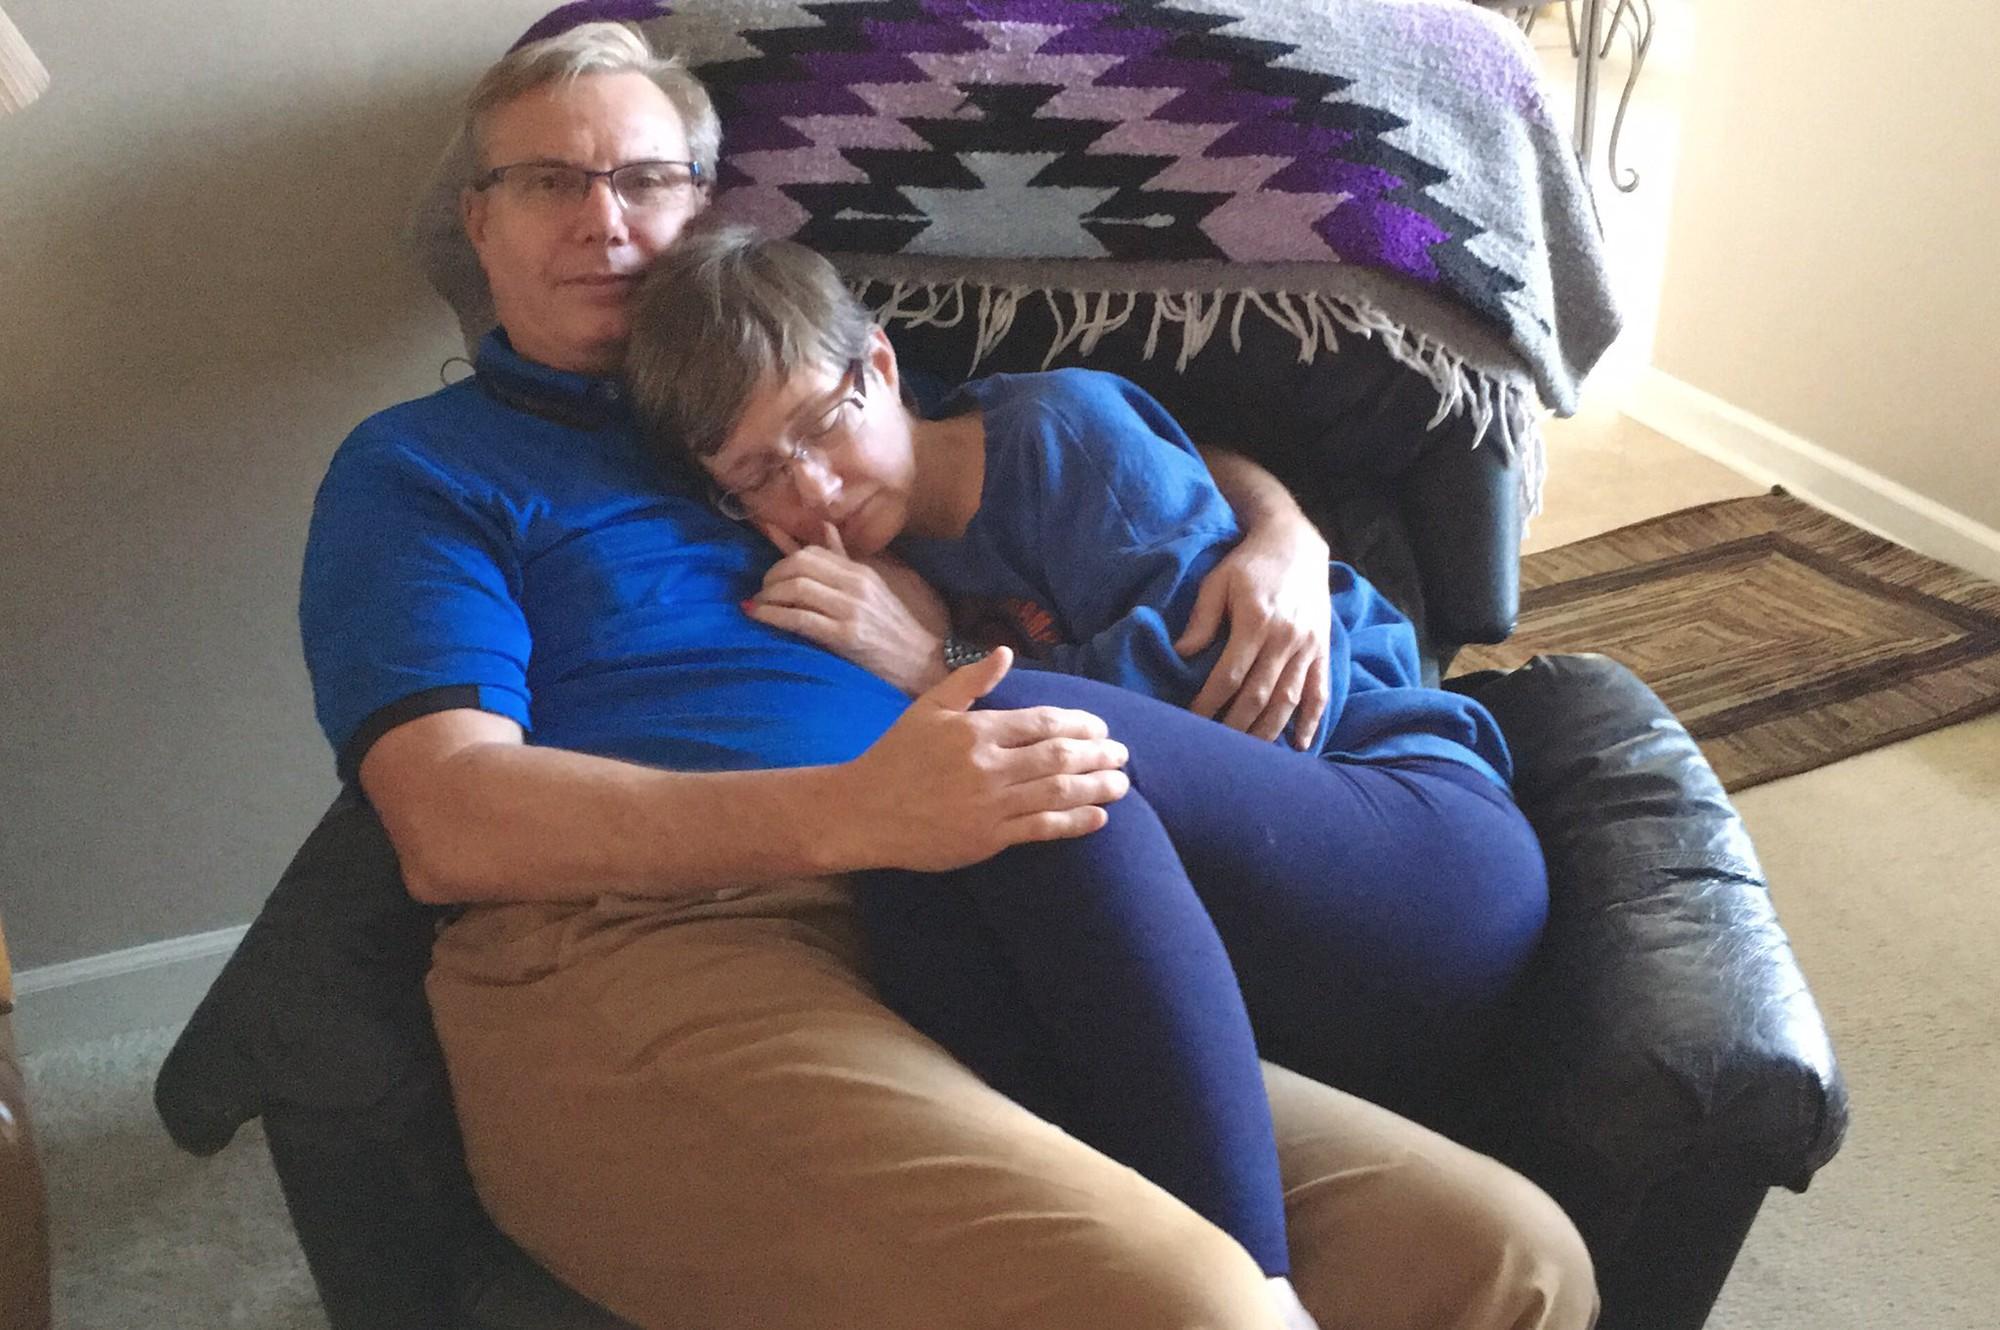 Bức ảnh vợ ngủ ngon trong vòng tay chồng gây xúc động: Dù không nhớ tên ông, mẹ vẫn yên tâm khi ở bên bố - Ảnh 1.